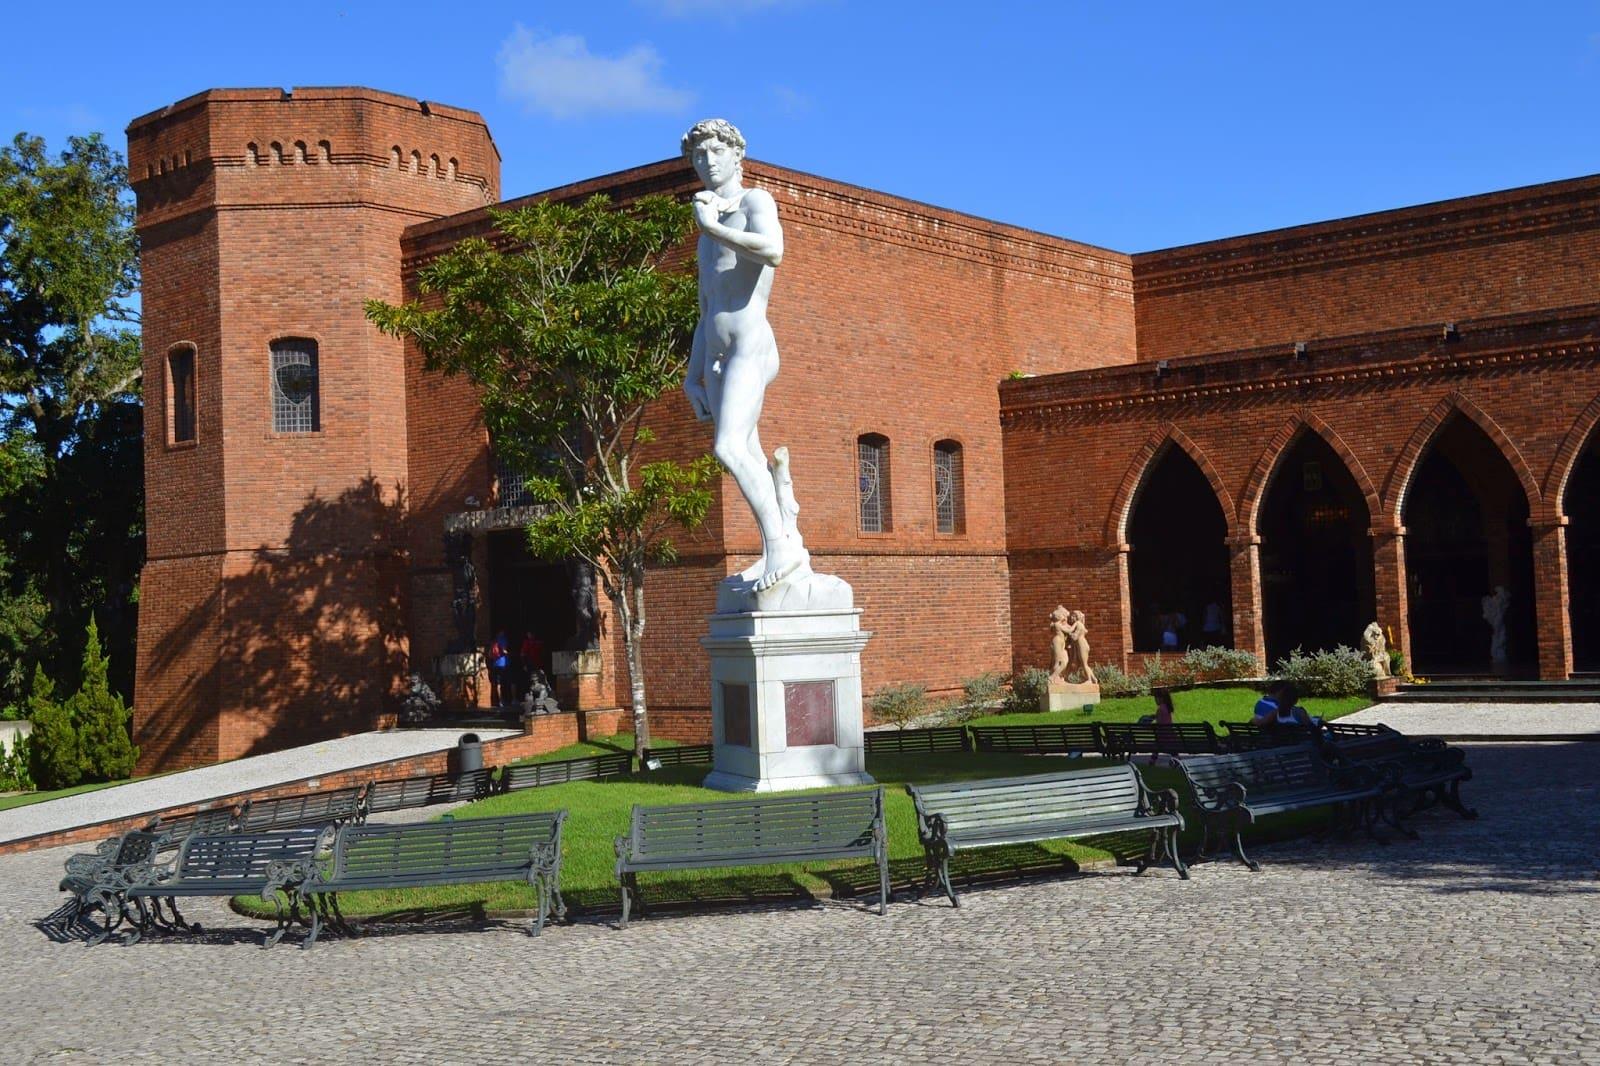 O que fazer em Recife: Conhecer o Instituto Ricardo Brennand